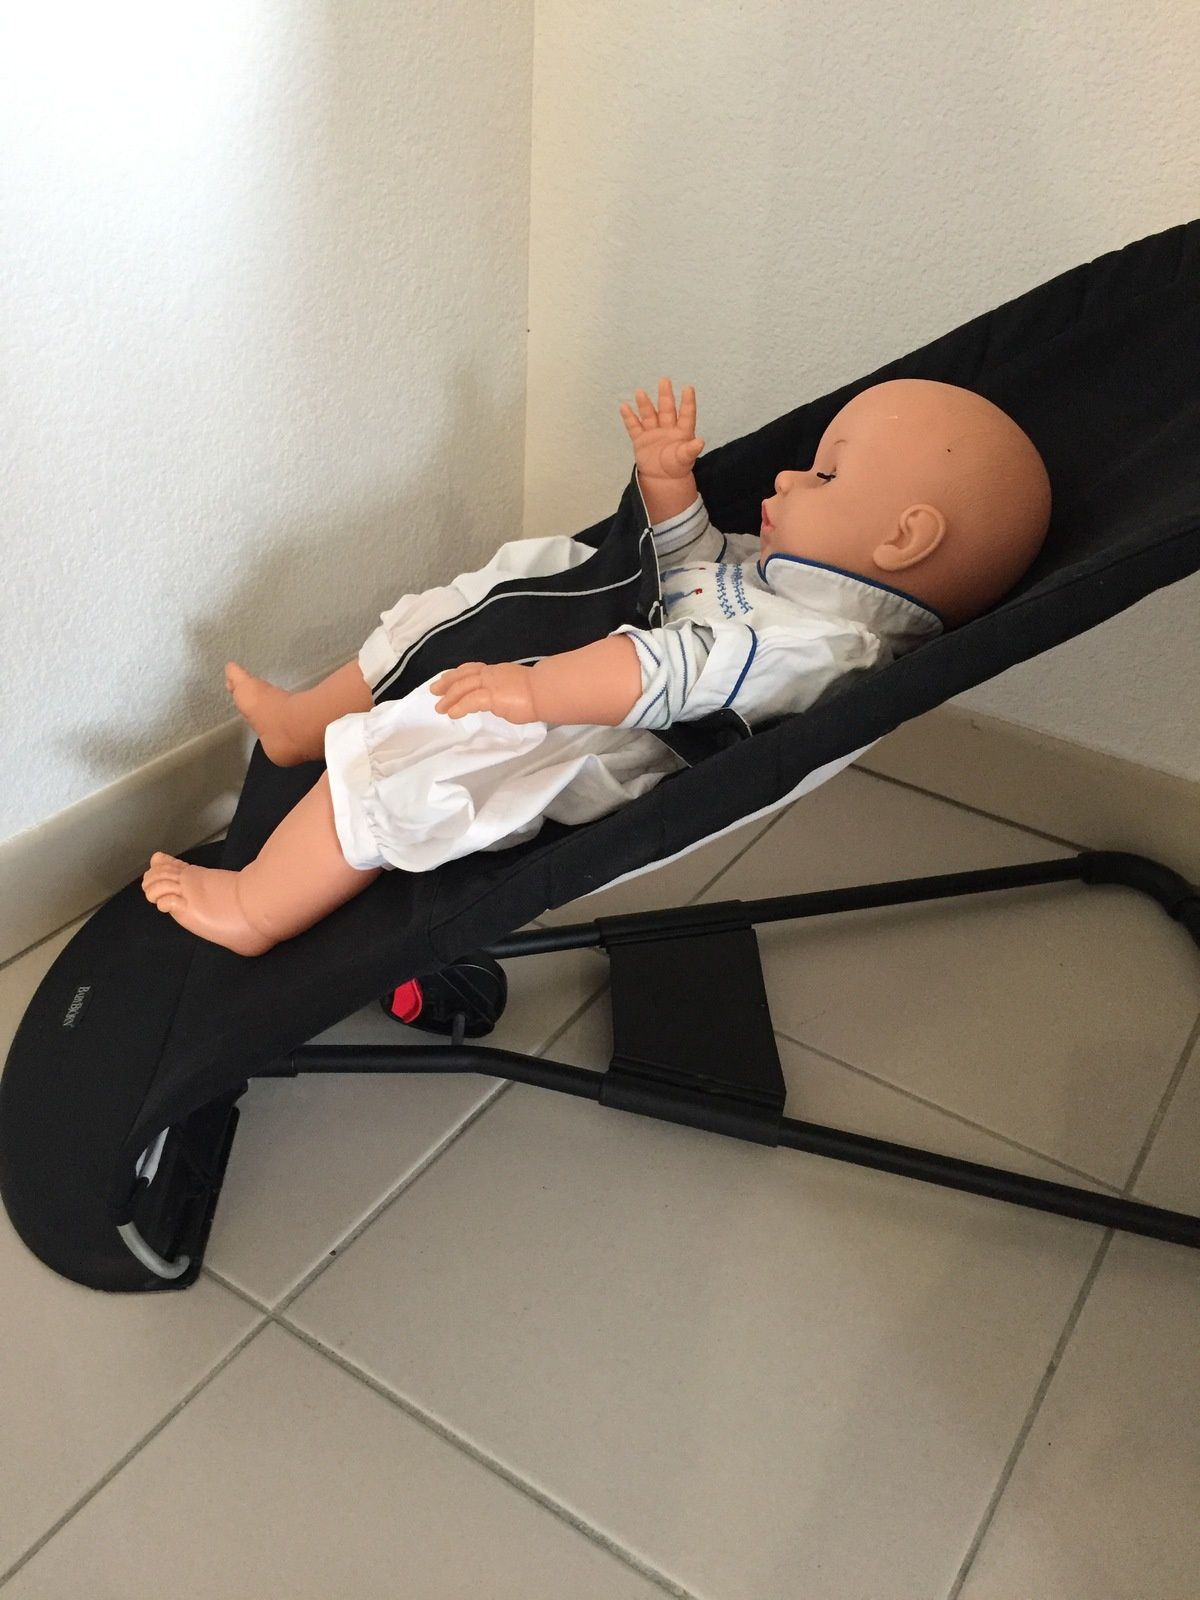 transat bébé born balance noir et argent sur charlotteblabla blog